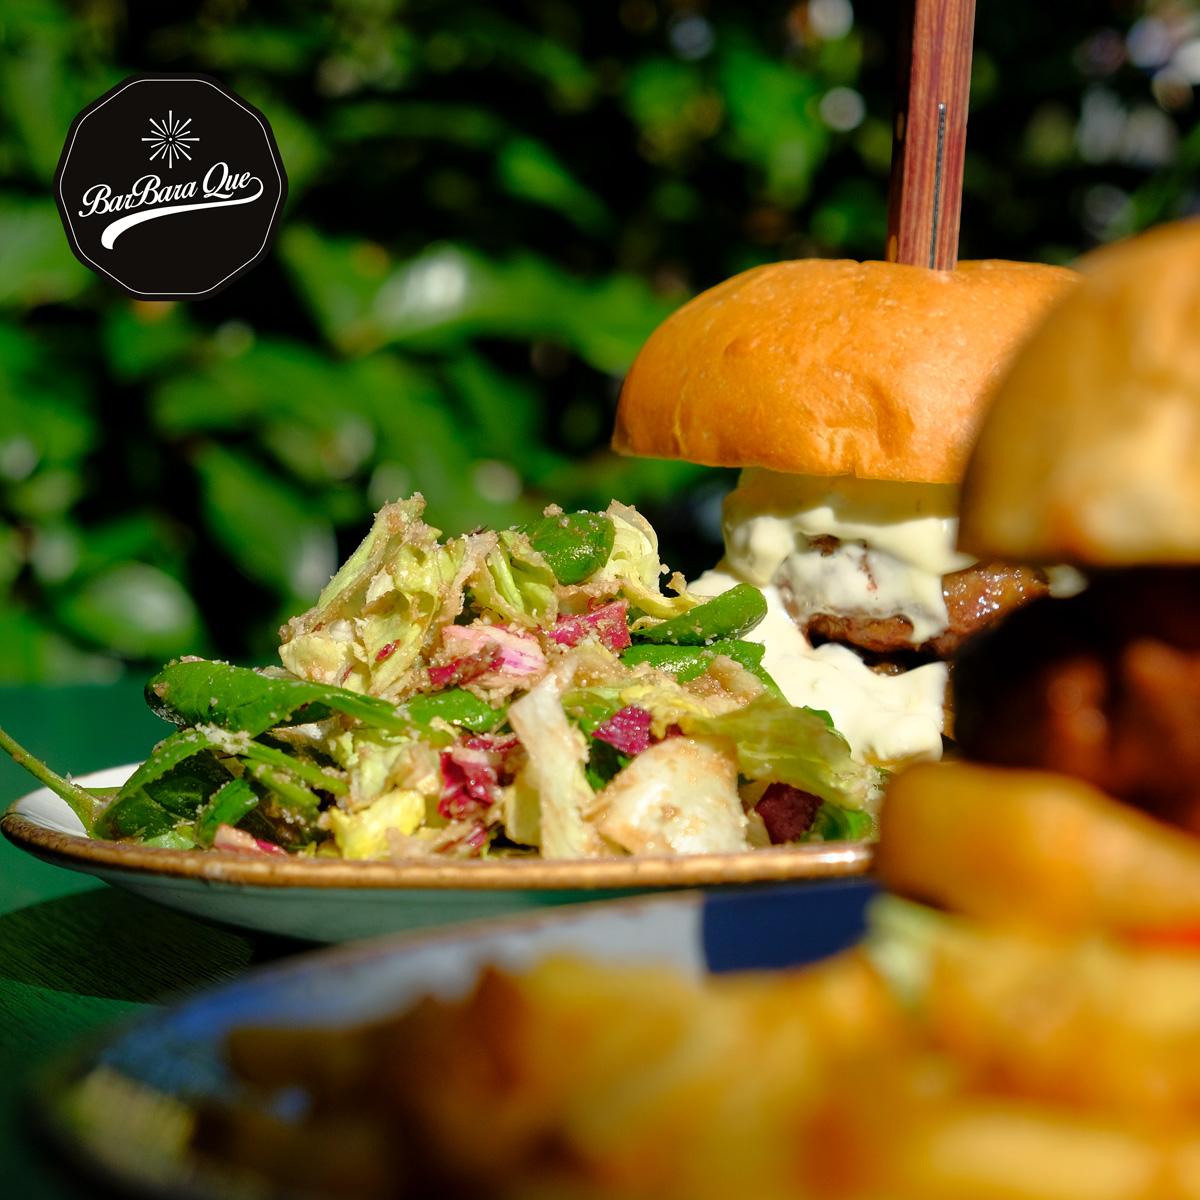 Αν δεν έχεις δοκιμάσεις burger στο «BarbaraQue», μην βιαστείς να στέψεις το αγαπημένο σου